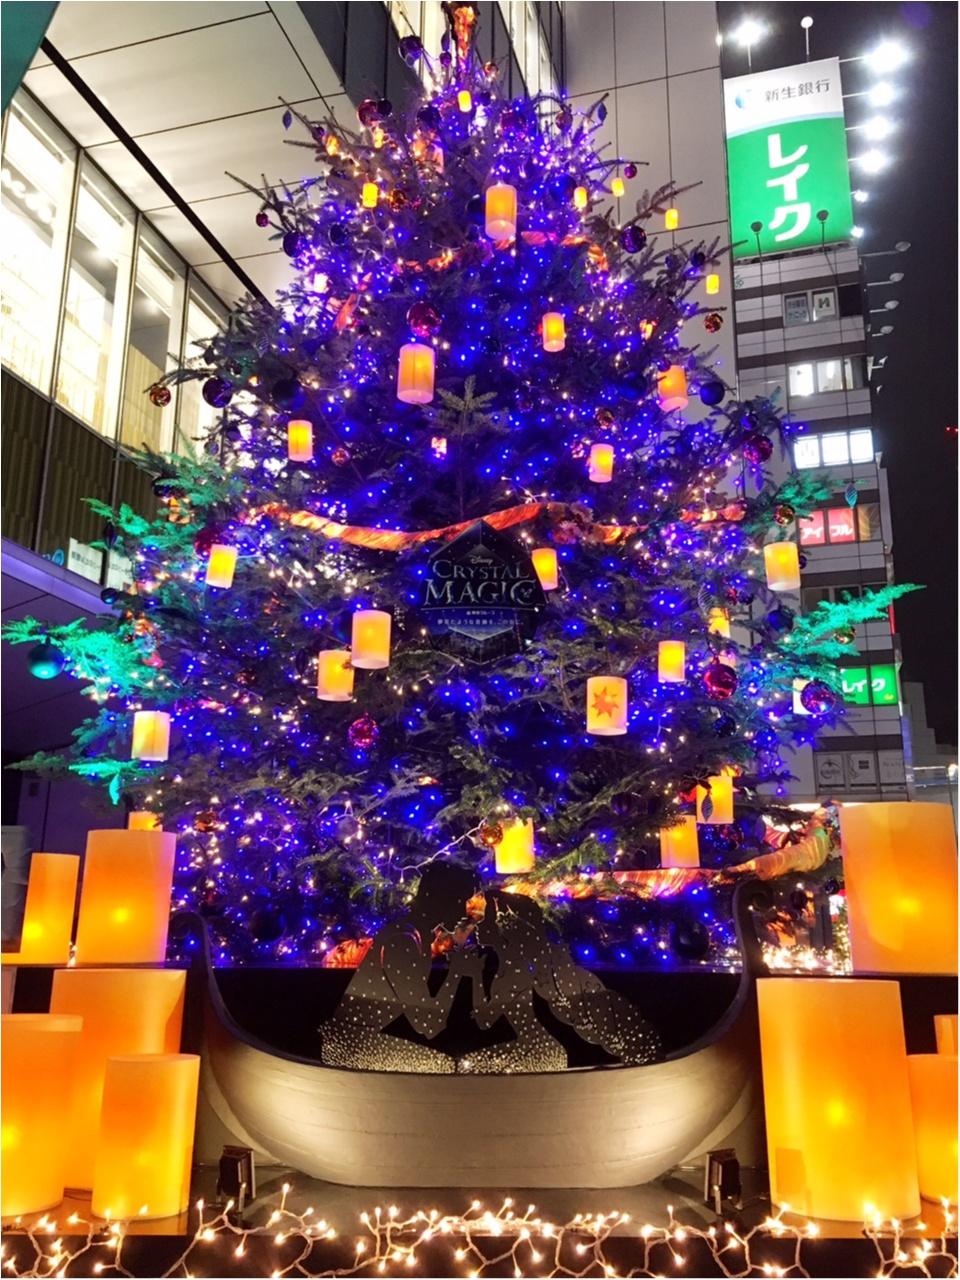 『渋谷ヒカリエ』のクリスマスはディズニープリンセスたちとコラボ♡『ラプンツェル・ツリー』点灯式に行ってきました(﹡´◡`﹡ )♡_4